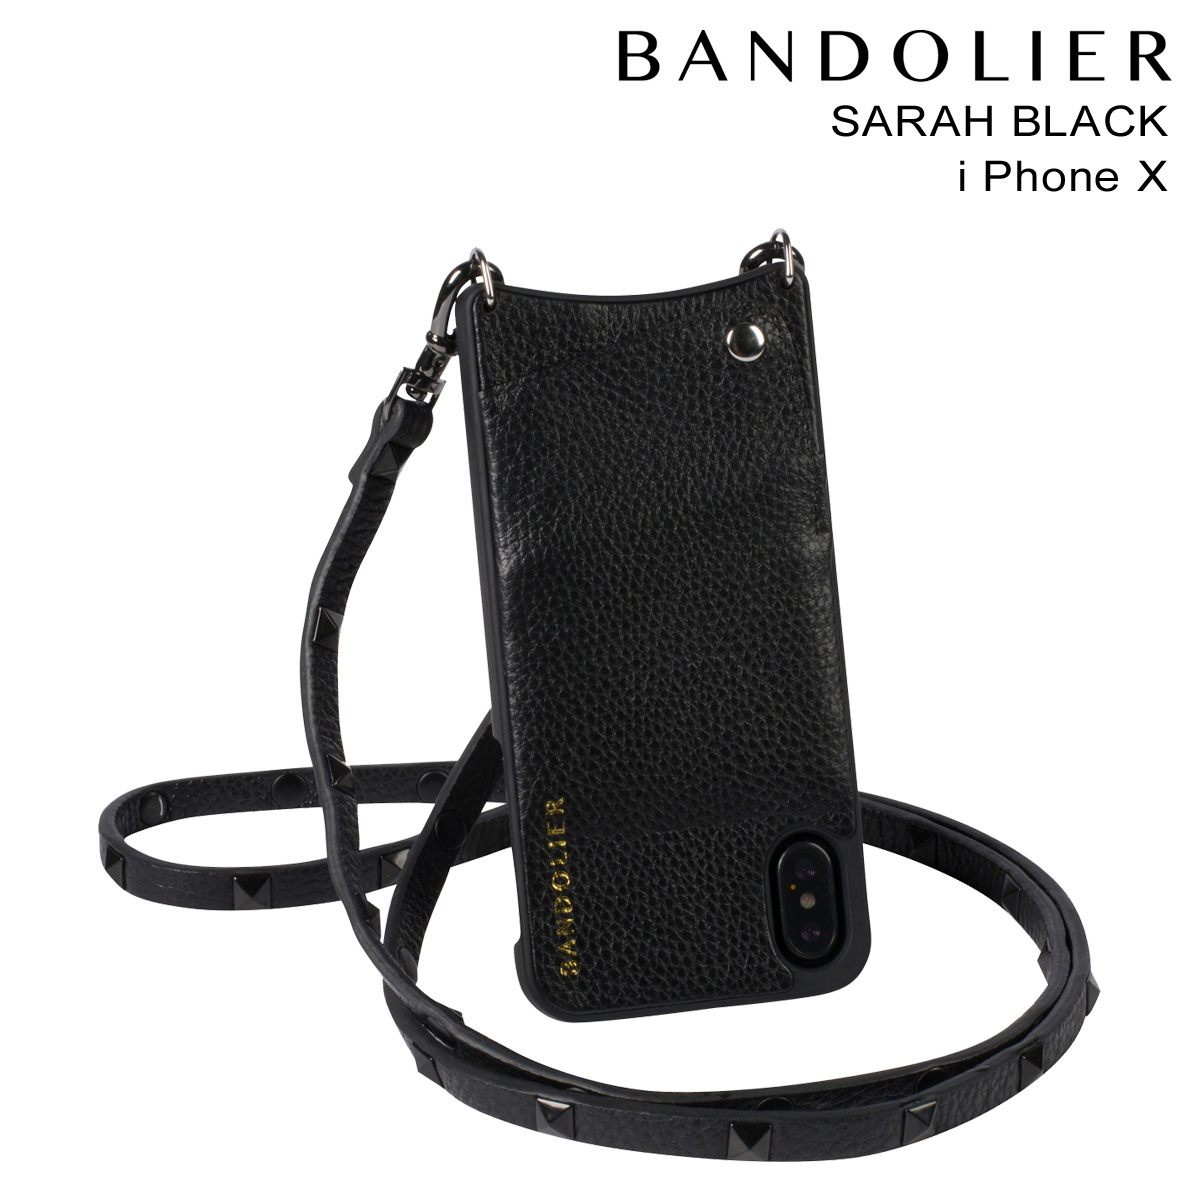 BANDOLIER SARAH BLACK バンドリヤー iPhoneX ケース スマホ アイフォン レザー メンズ レディース